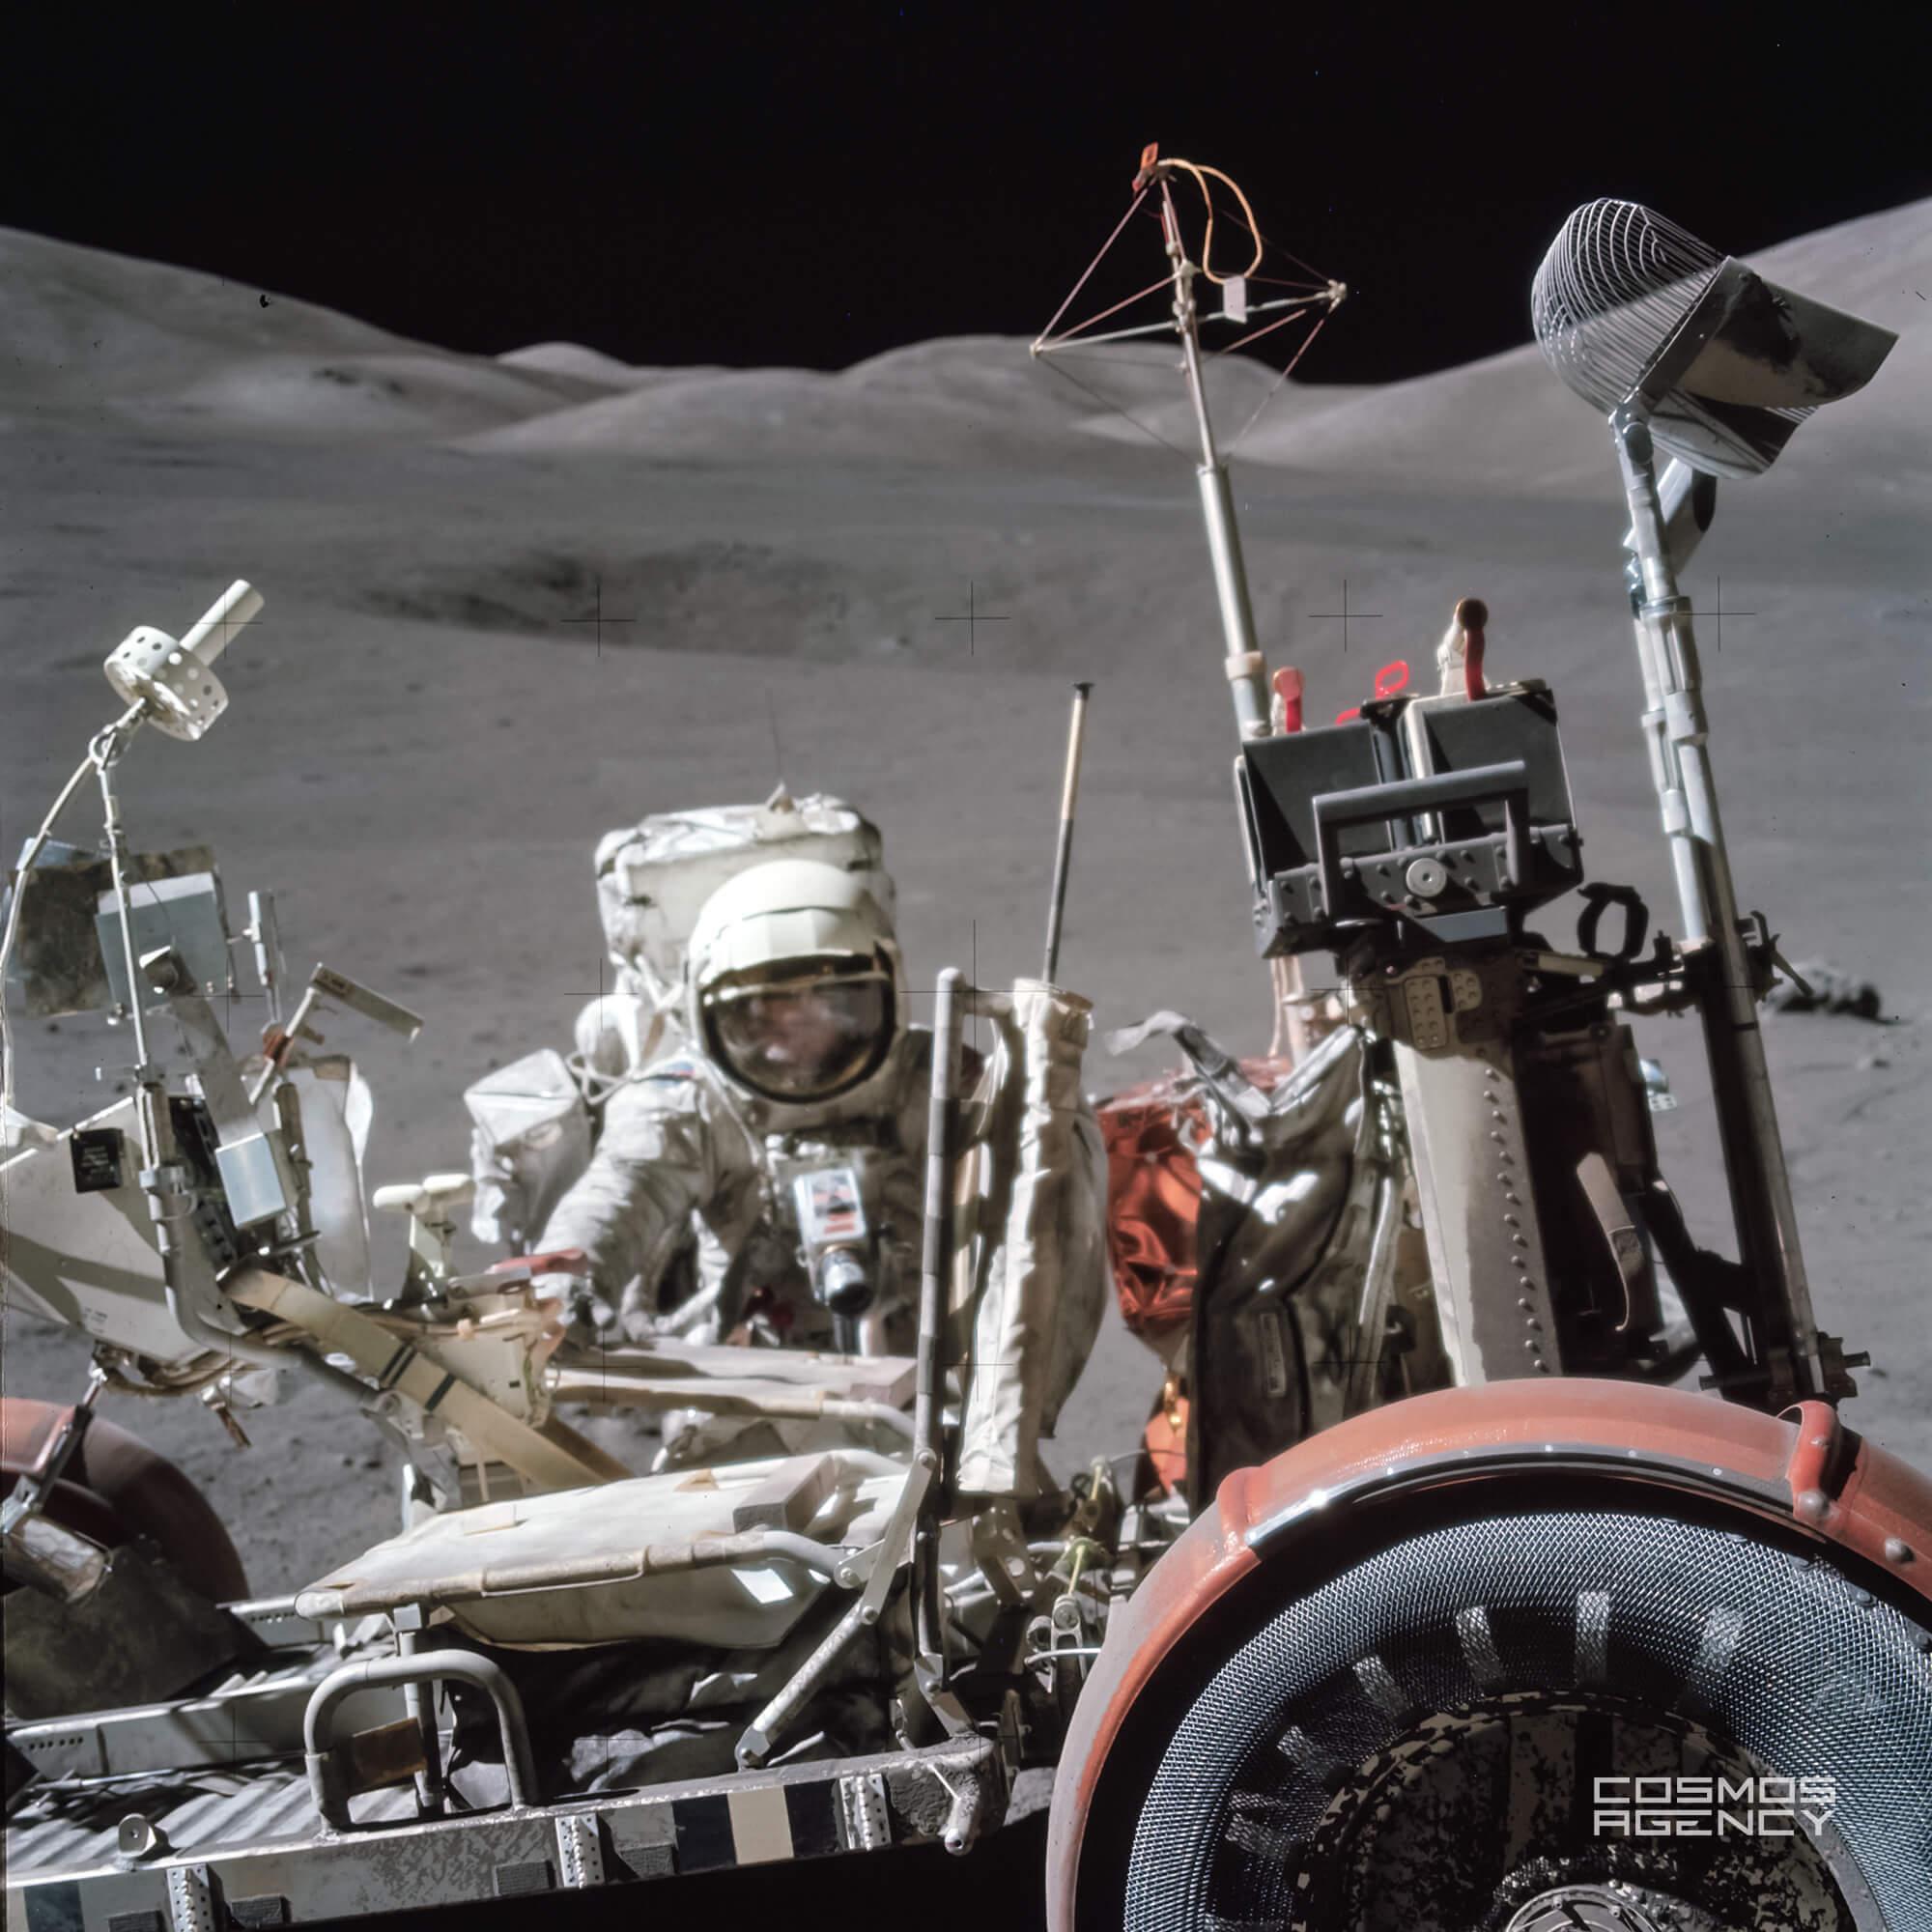 Лунный ровер и астронавт NASA Юджин Сернан с приподнятым визором, Аполлон 17, 1972